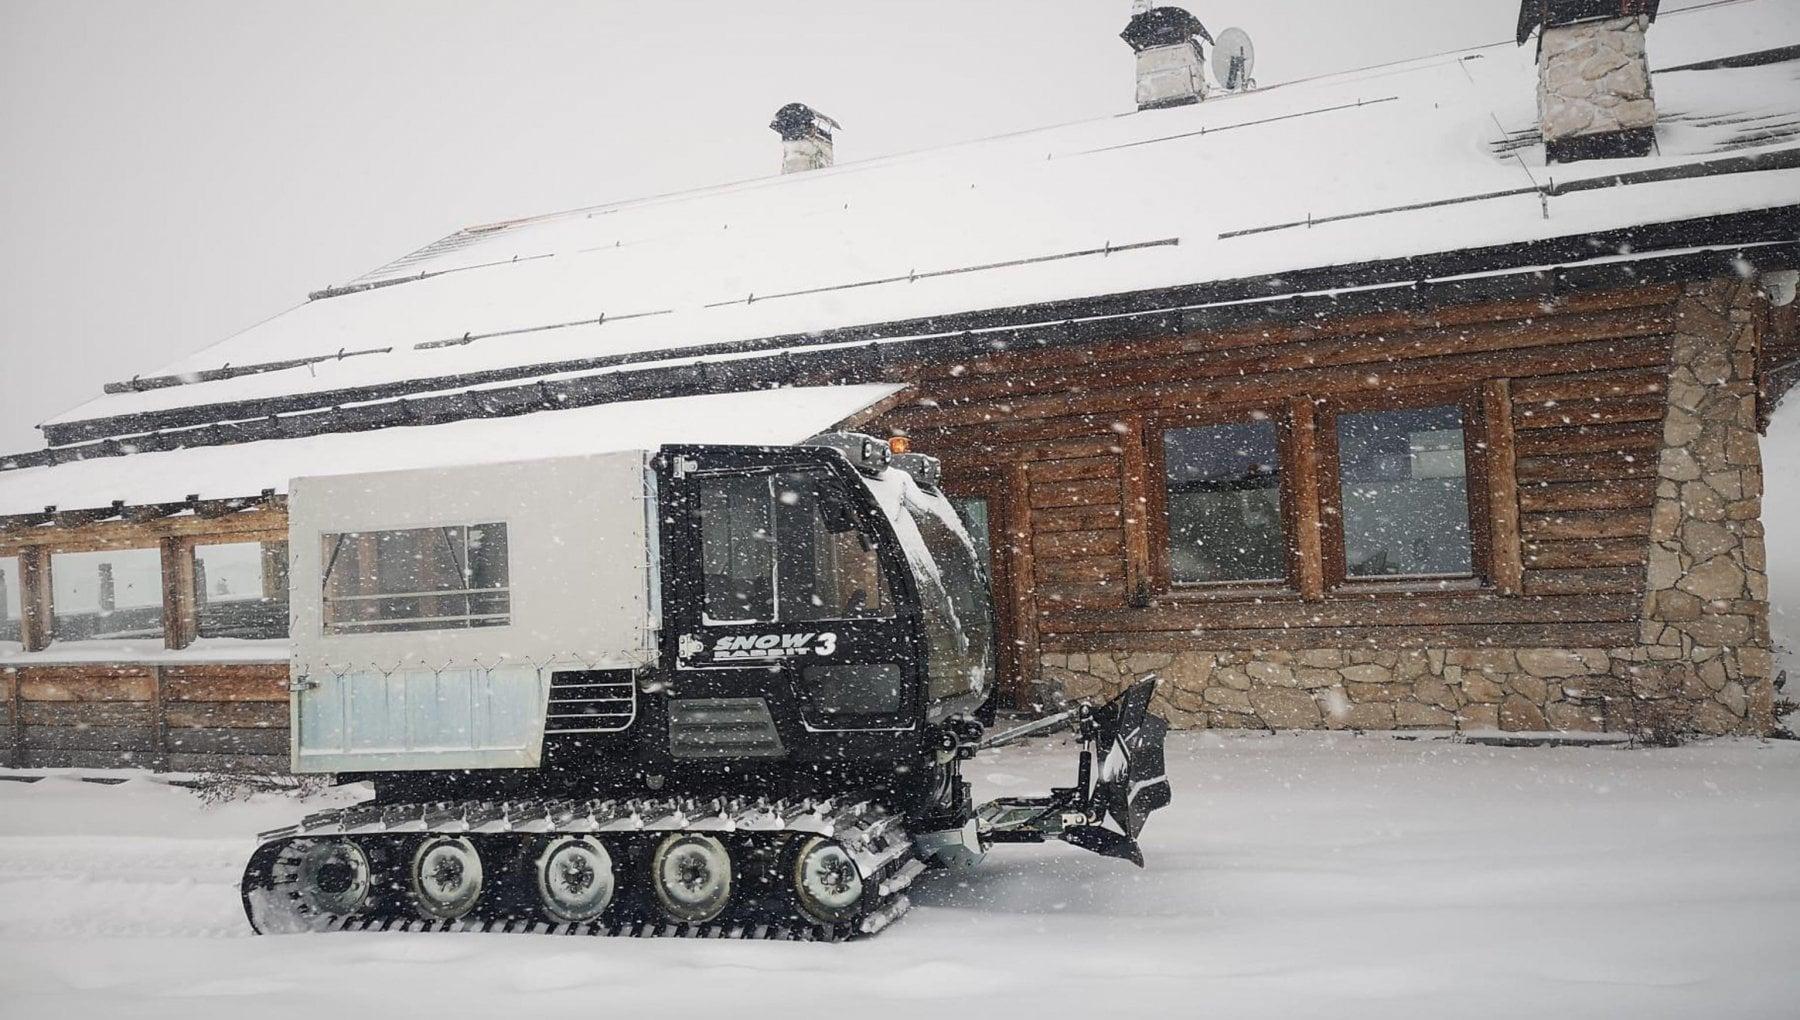 Maltempo in arrivo ondata gelida dai Balcani neve anche in pianura